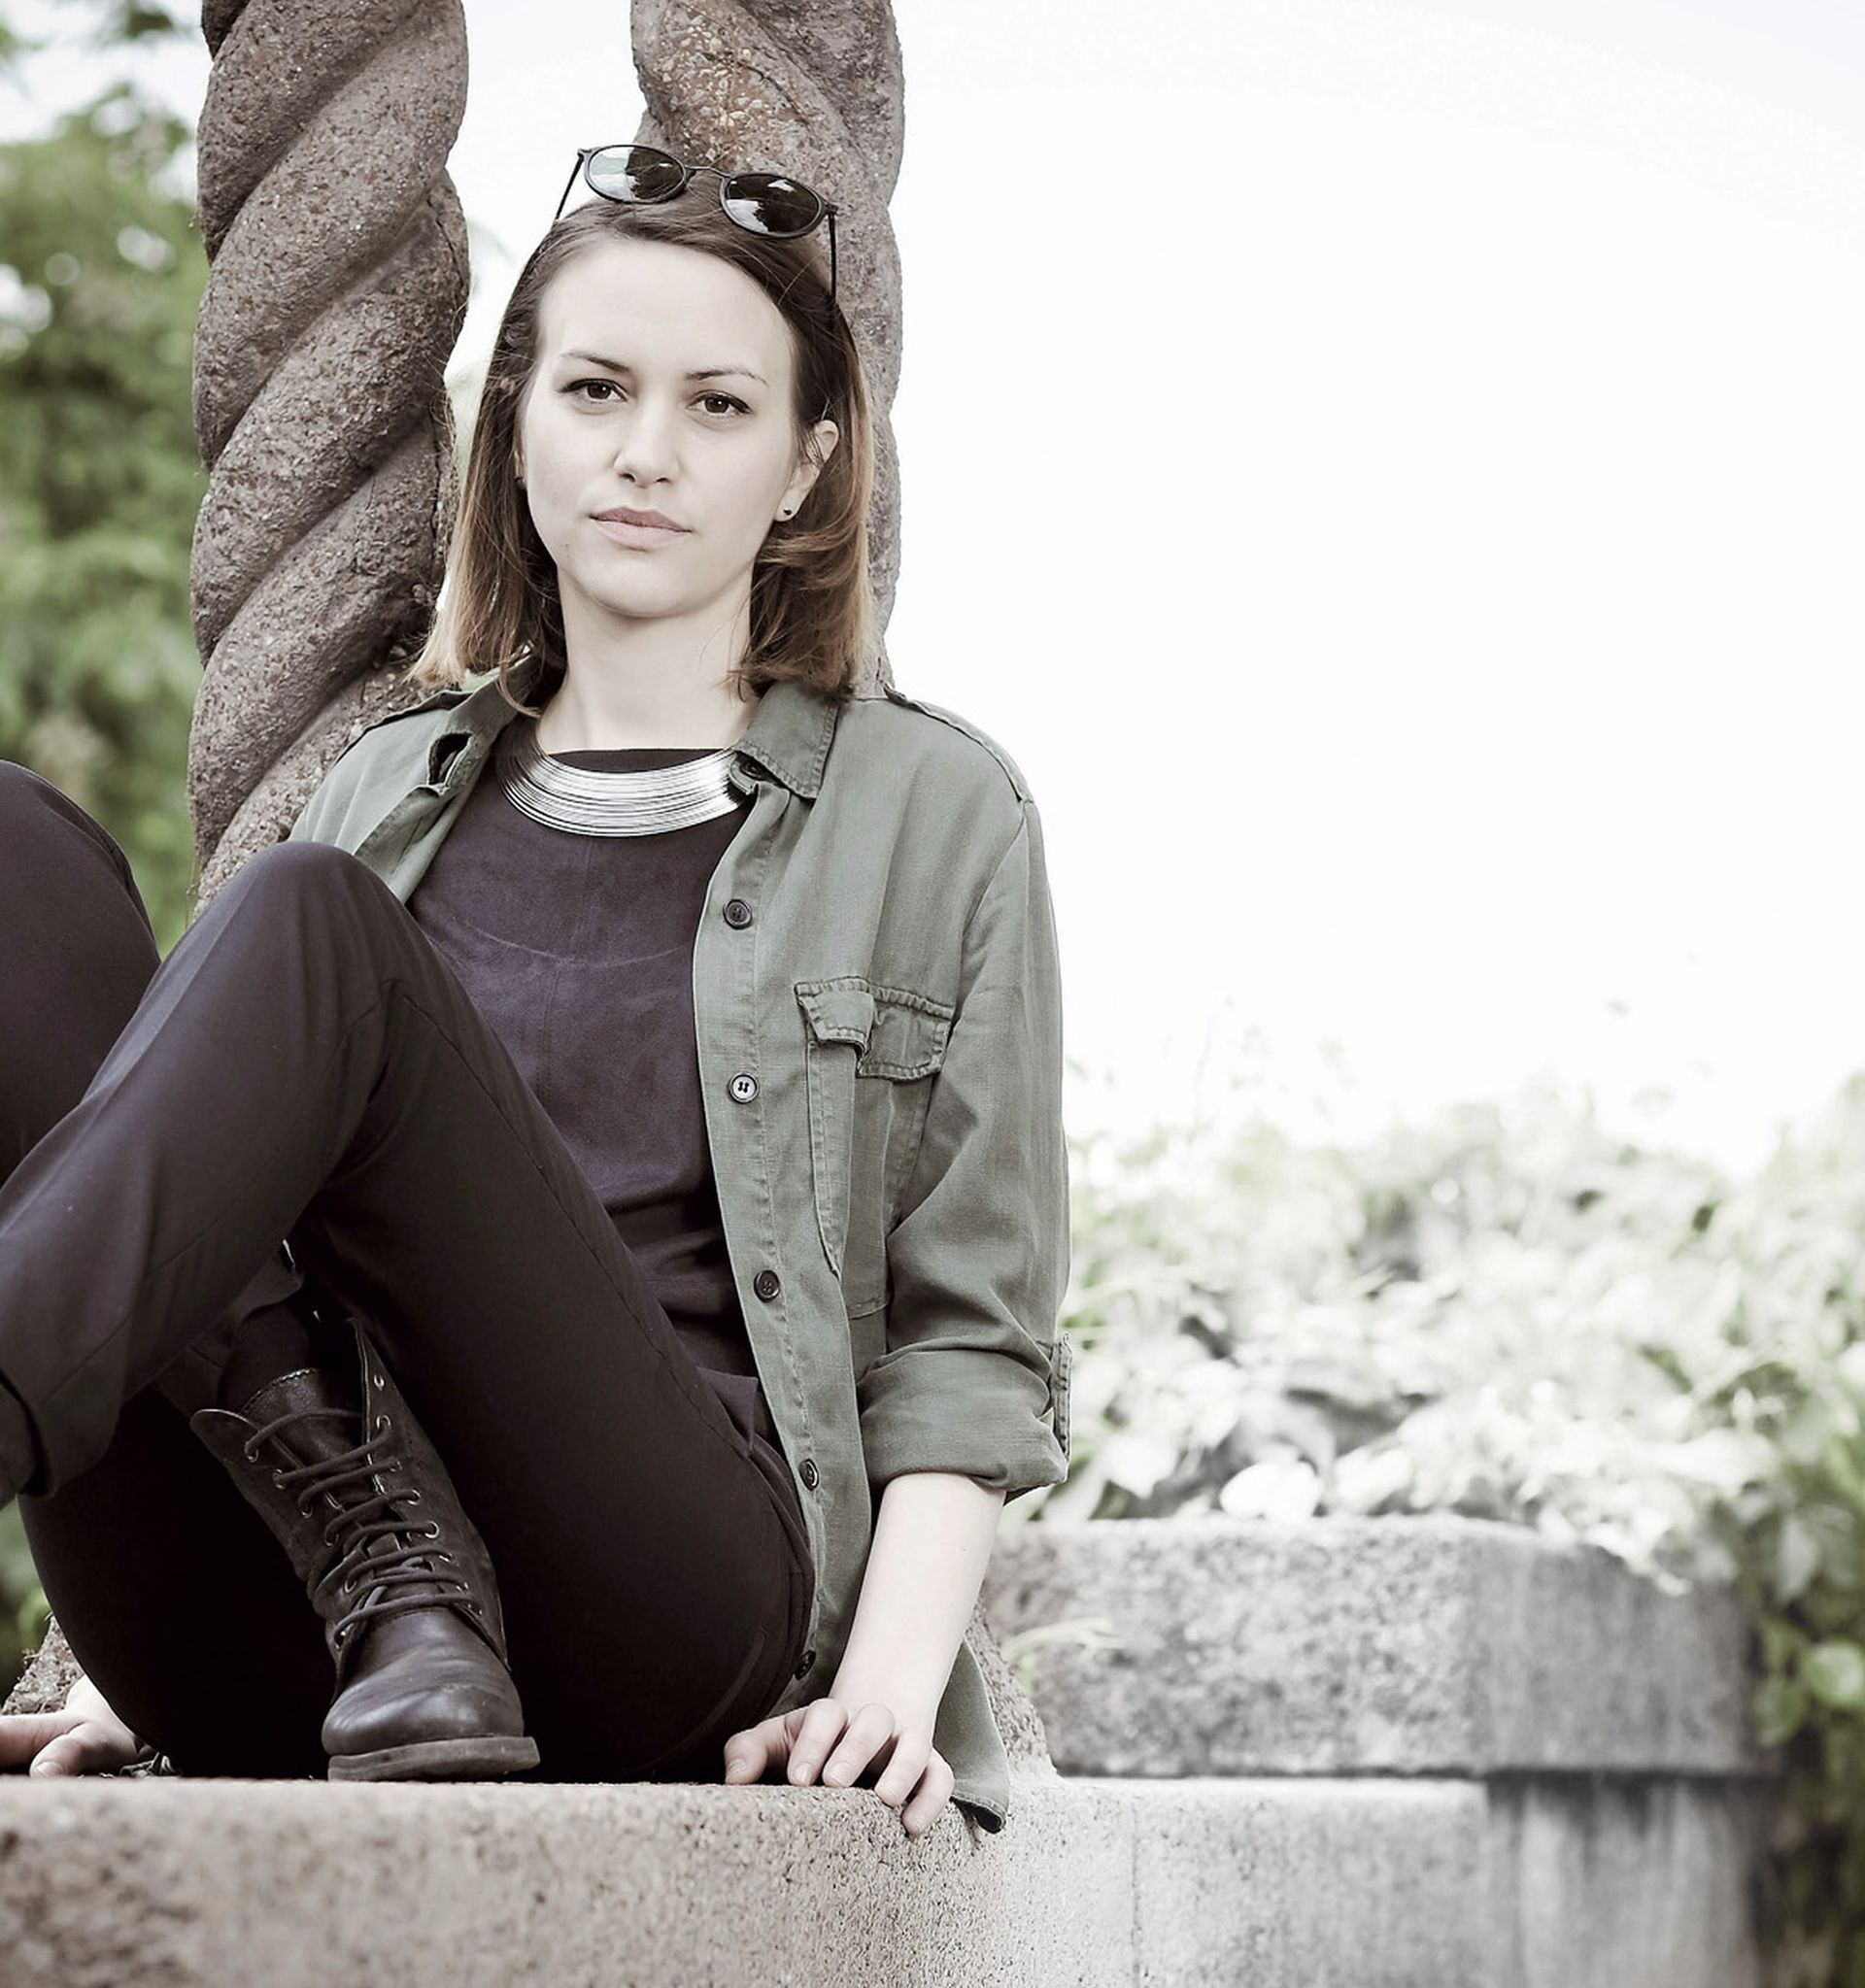 ZAGREBAČKA KANTAUTORICA NAJAVLJUJE NASTUP 20. SVIBNJA: Koncert Irene Žilić u Lisinskom